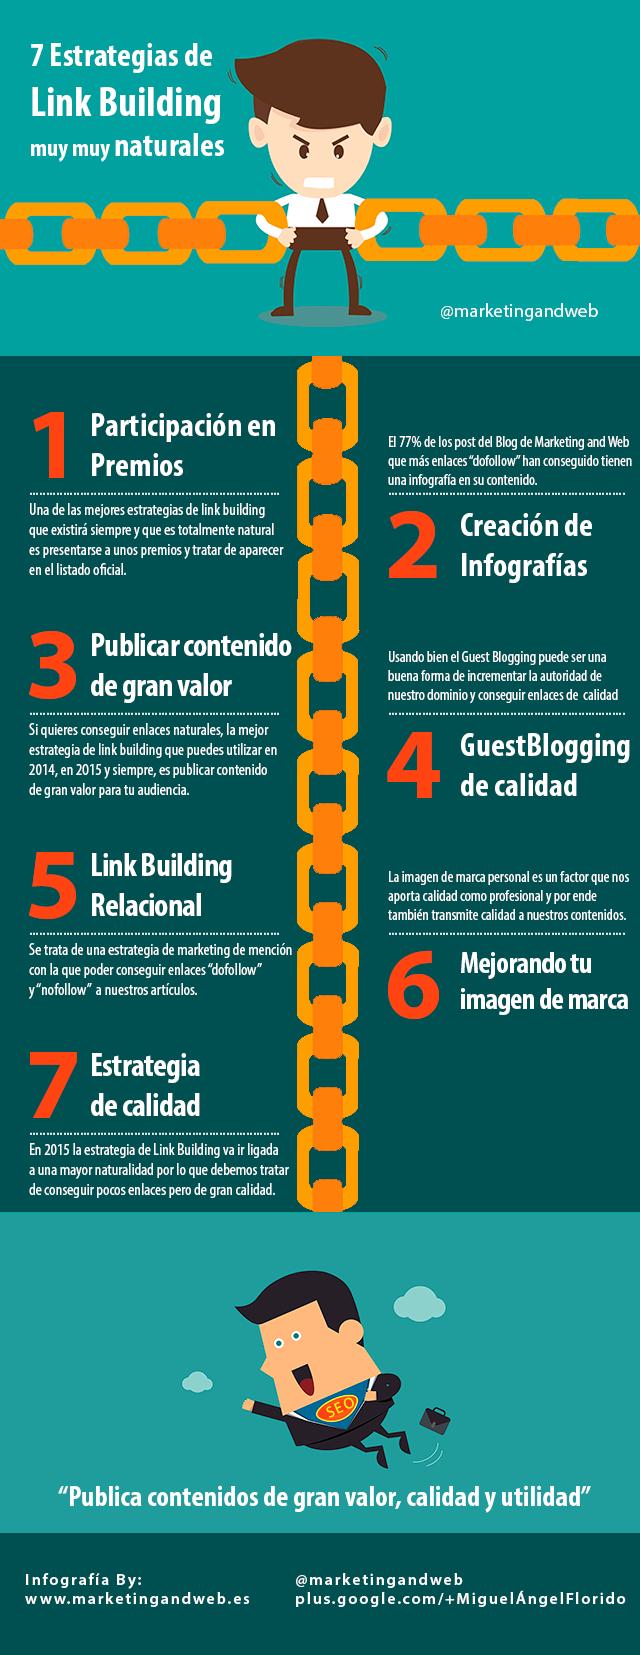 7 Estrategias de Link Building muy naturales